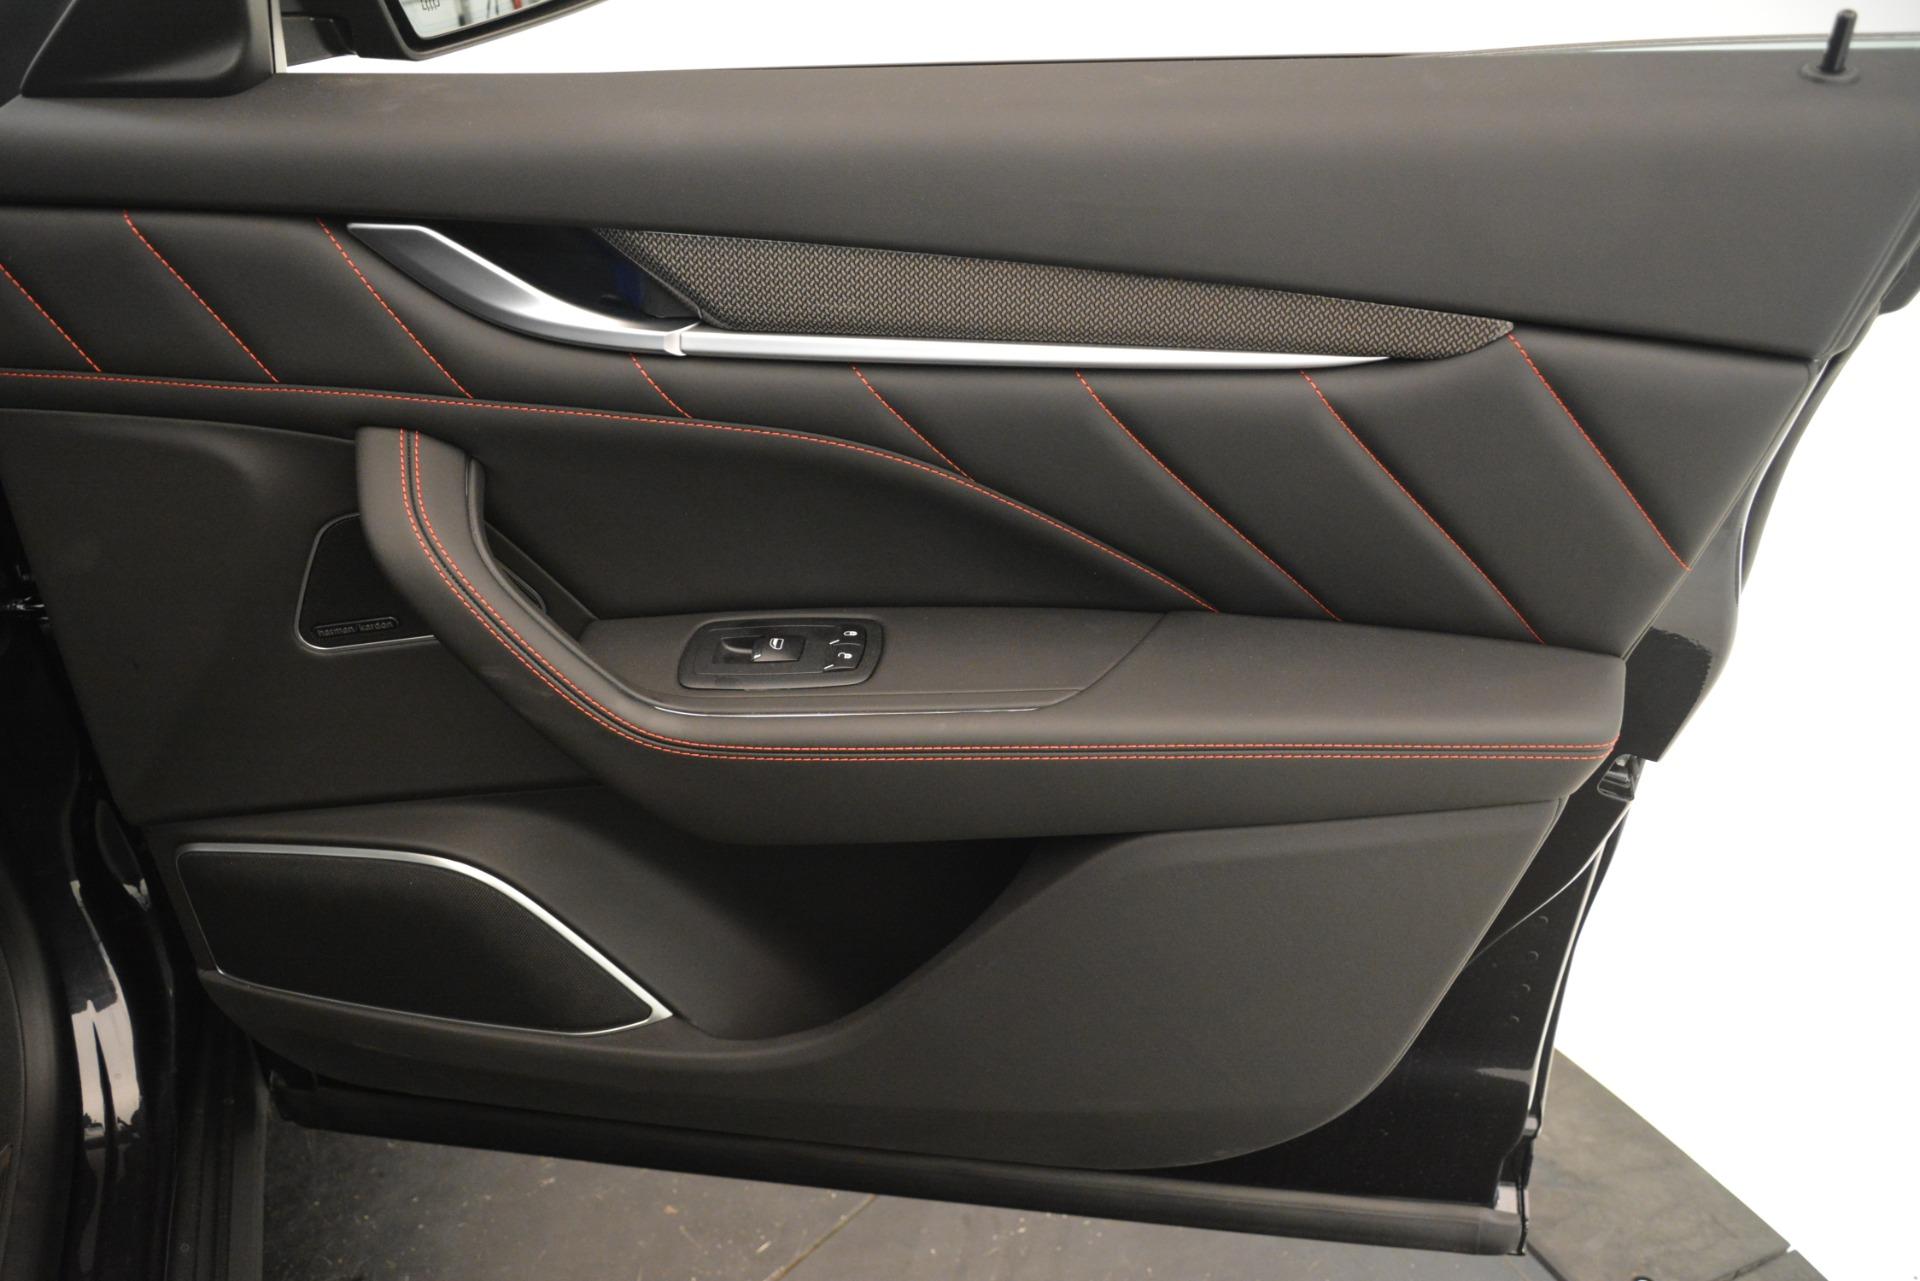 New 2019 Maserati Levante SQ4 GranSport Nerissimo For Sale In Greenwich, CT. Alfa Romeo of Greenwich, W688 3199_p25